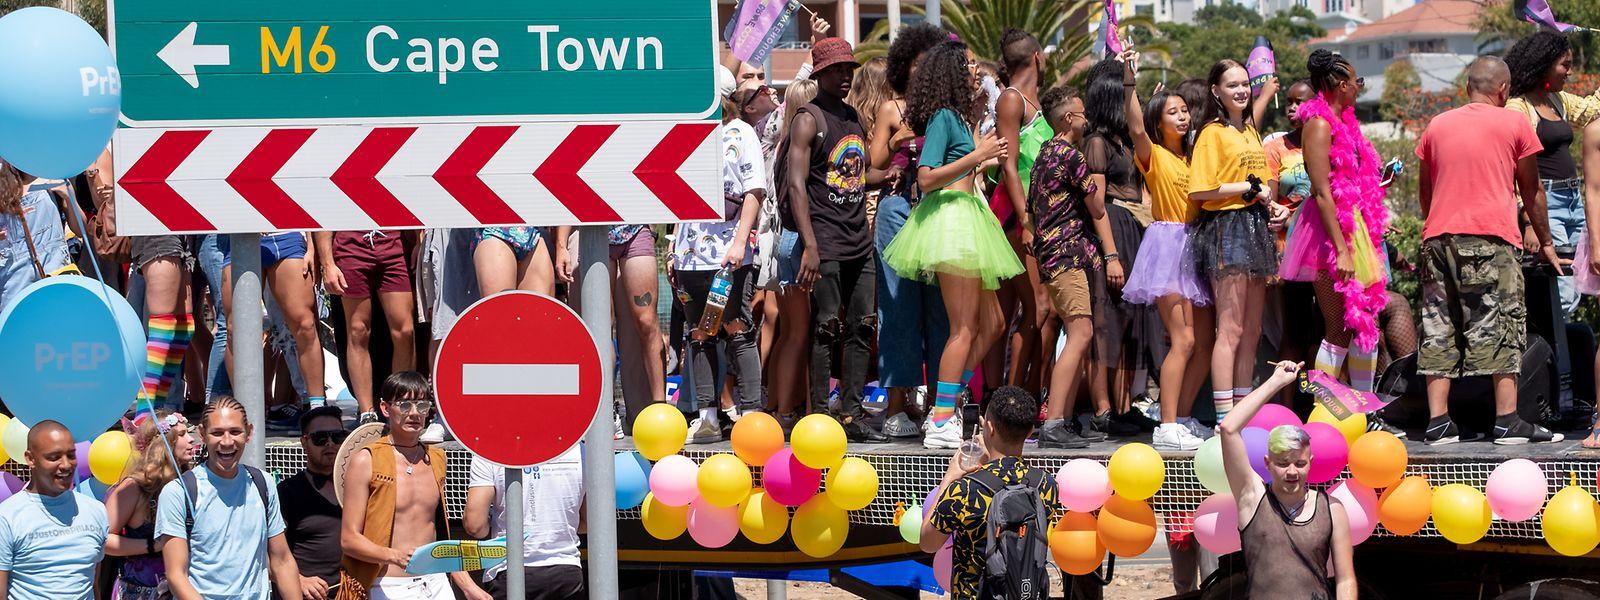 """Der Gay-Pride-Parade fannt unter dem  Motto """"Ich bin ich"""" zum 15. Mal in Kapstadt statt."""